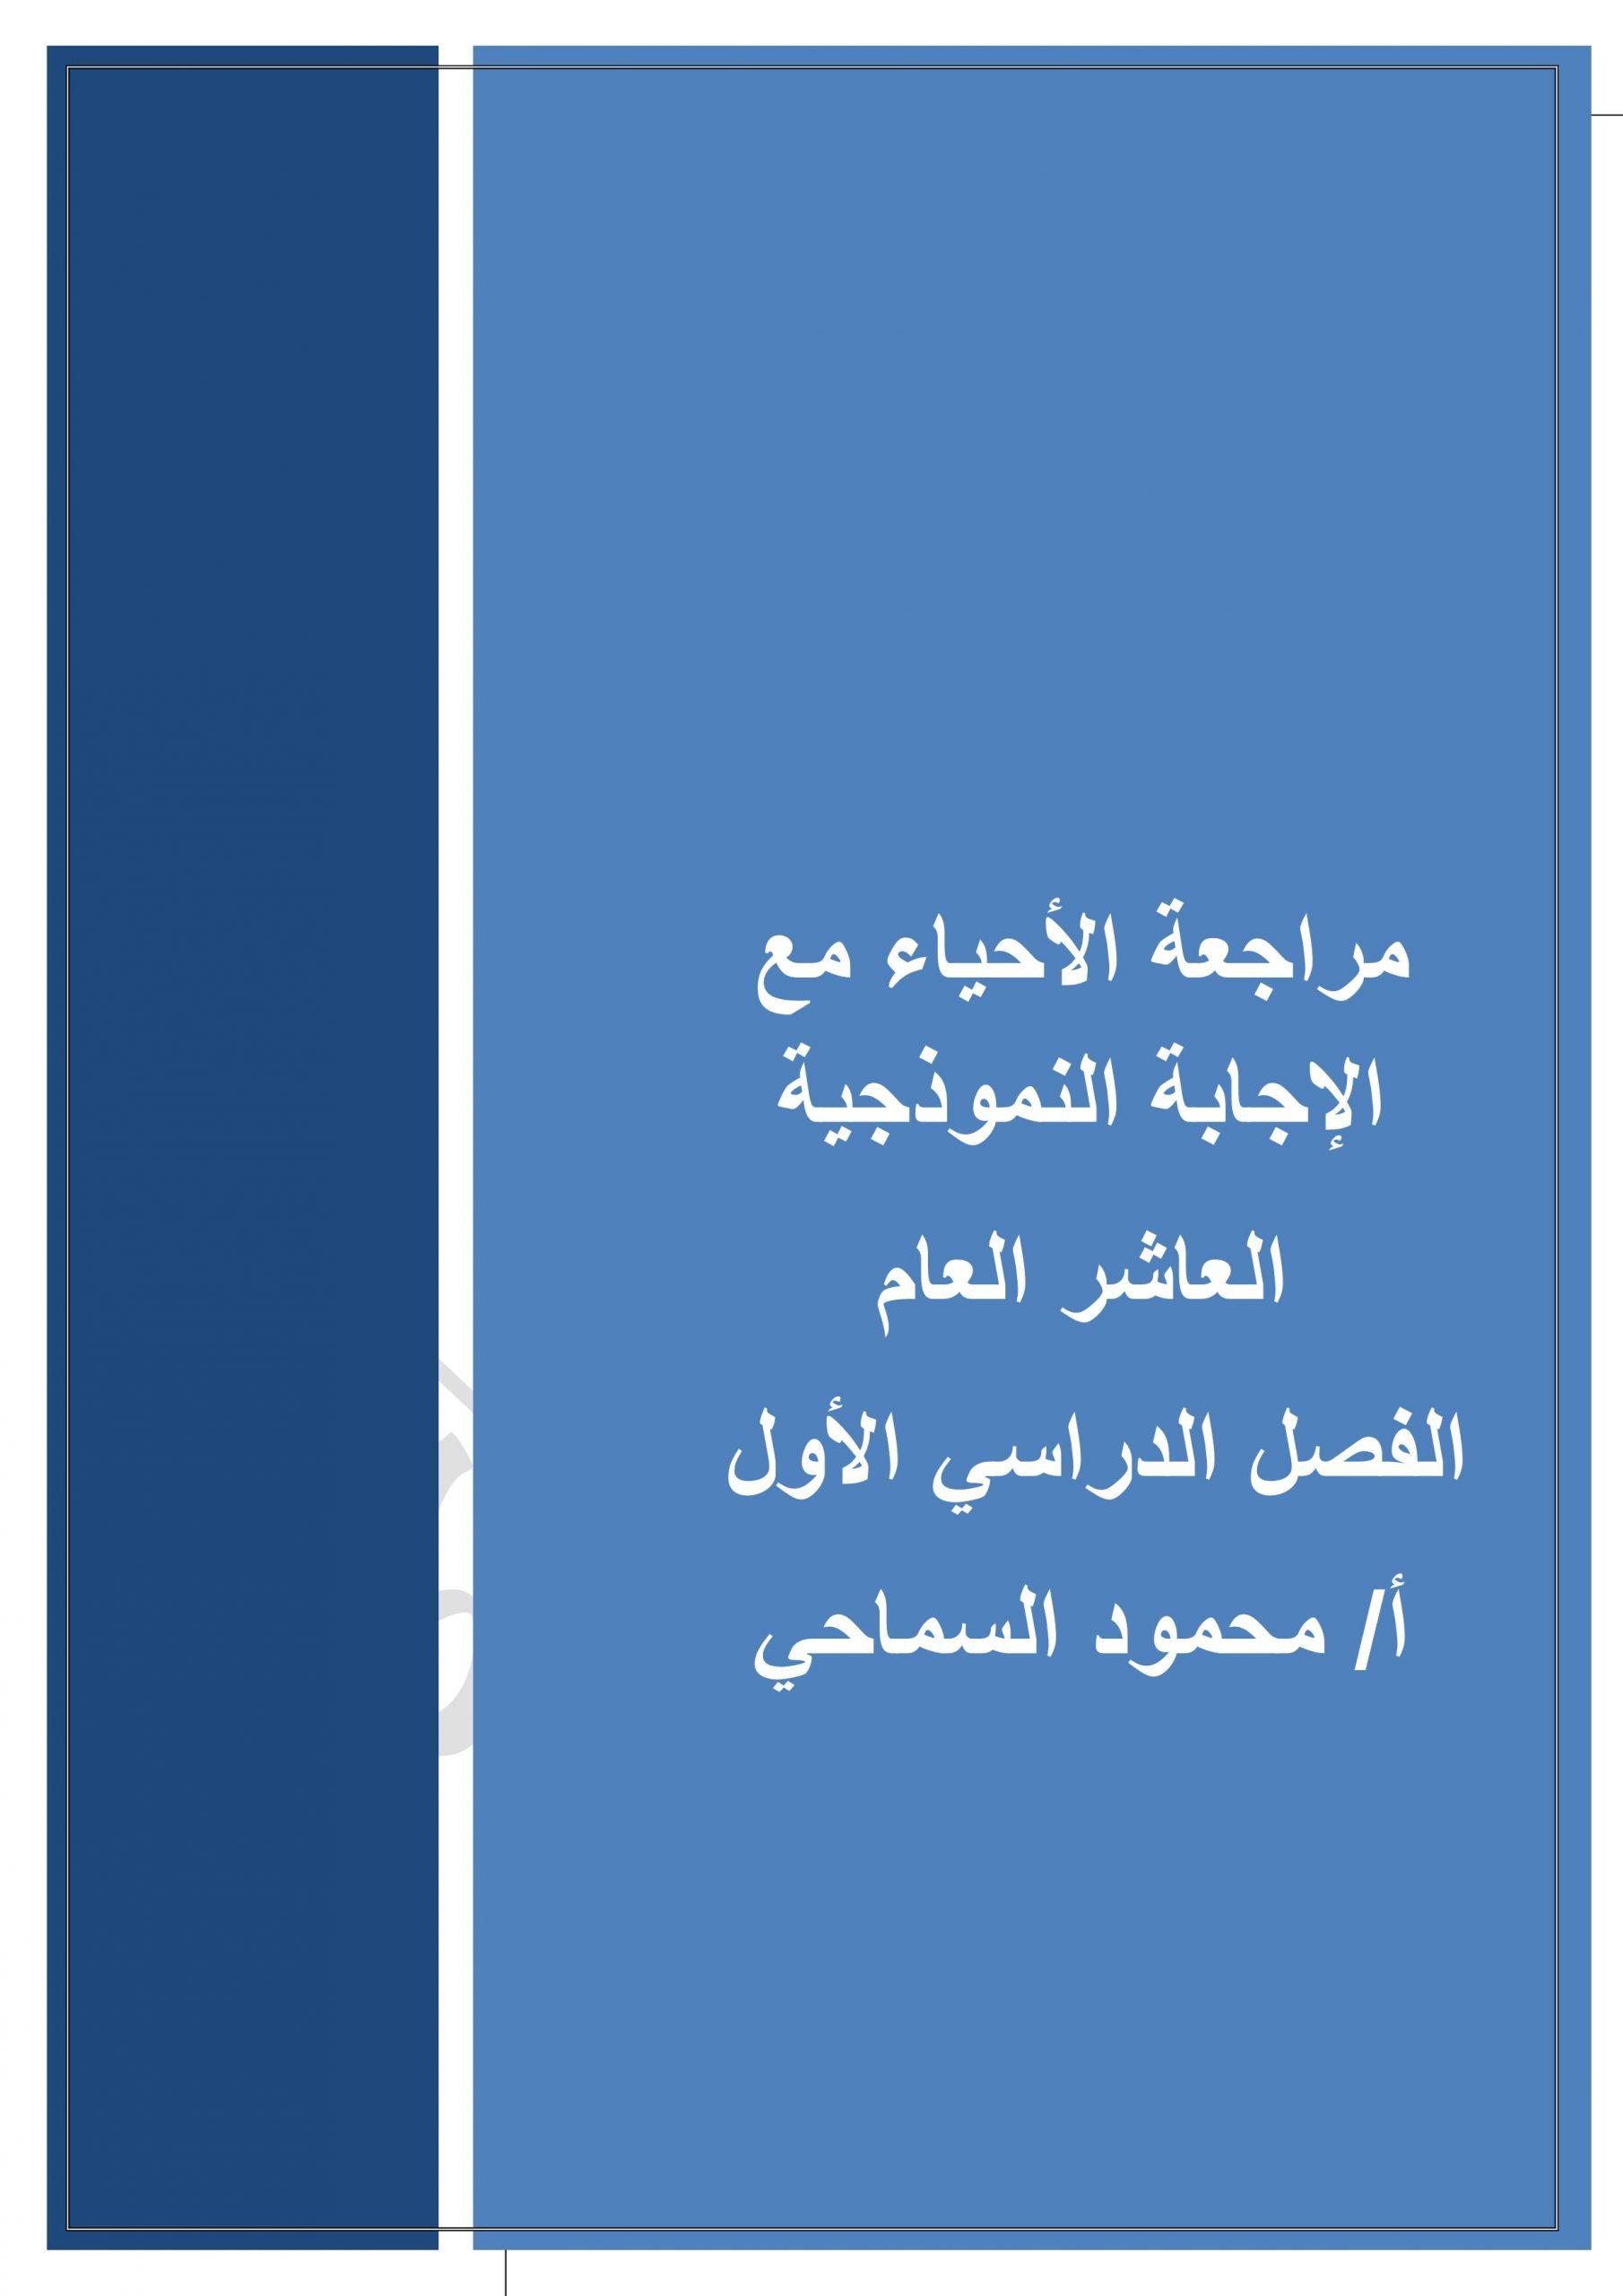 حل اوراق عمل مراجعة متنوعة الصف العاشر عام مادة الاحياء